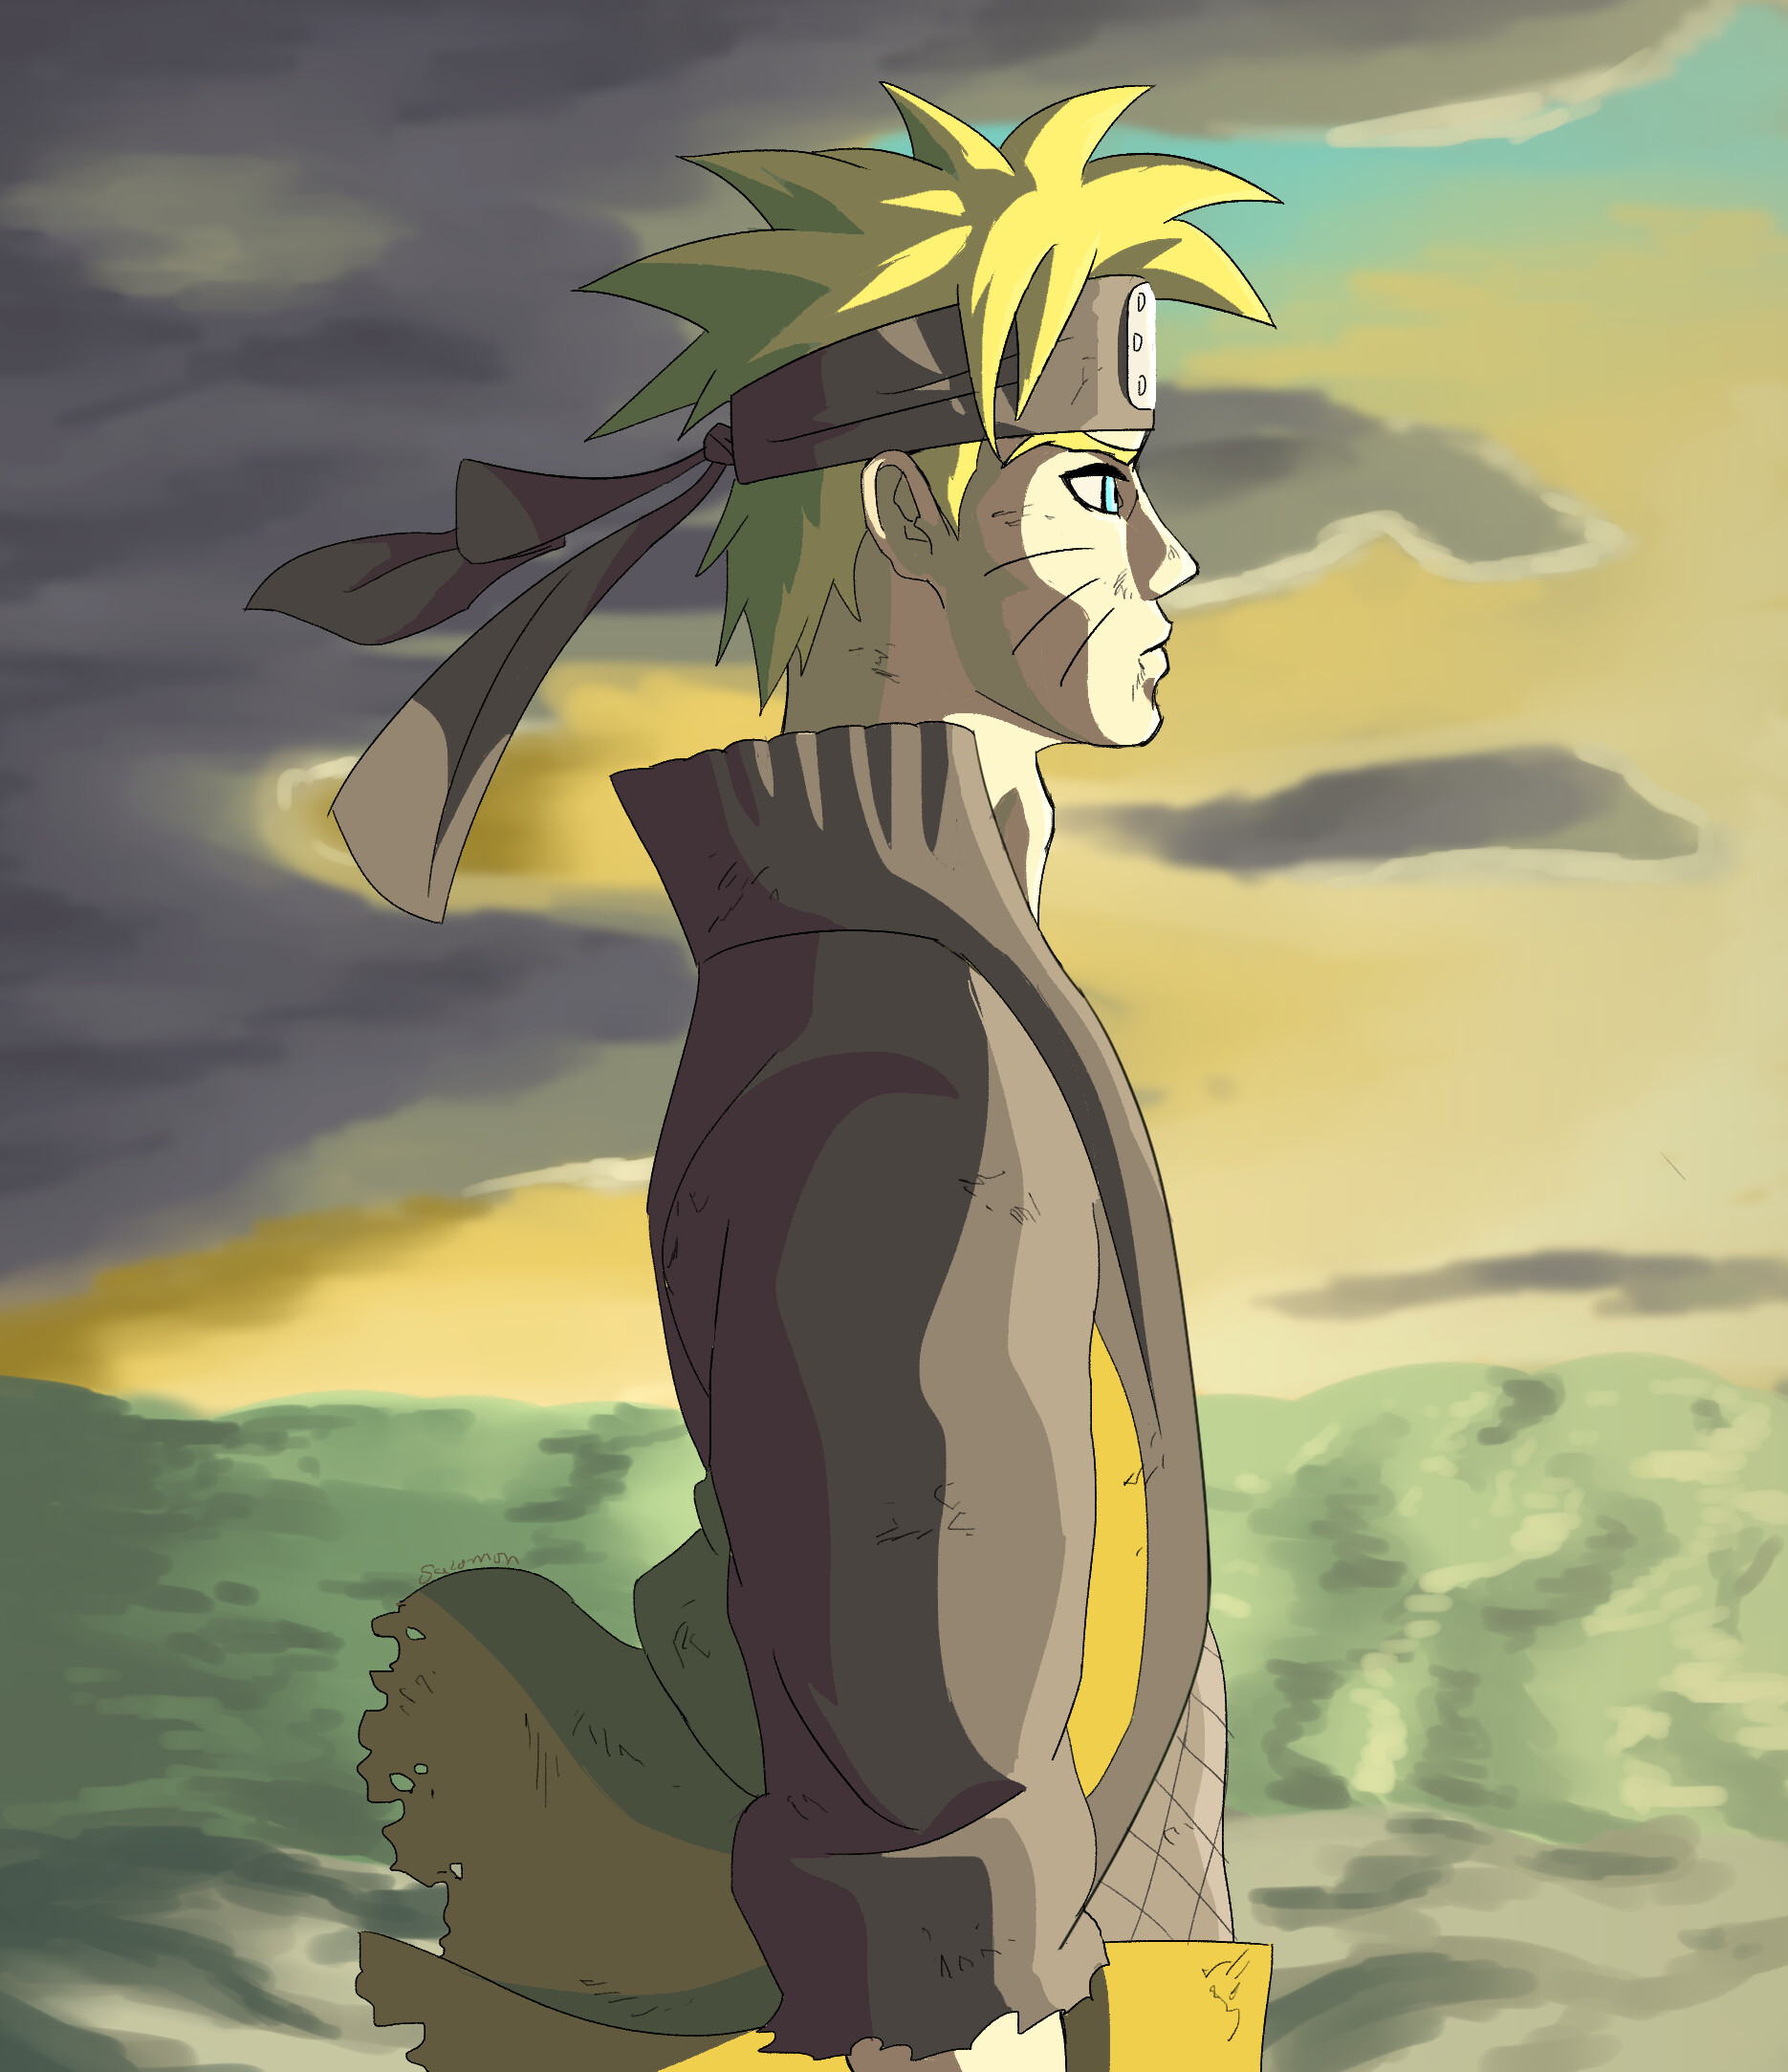 Artstation Naruto Profile Salomon Jimenez